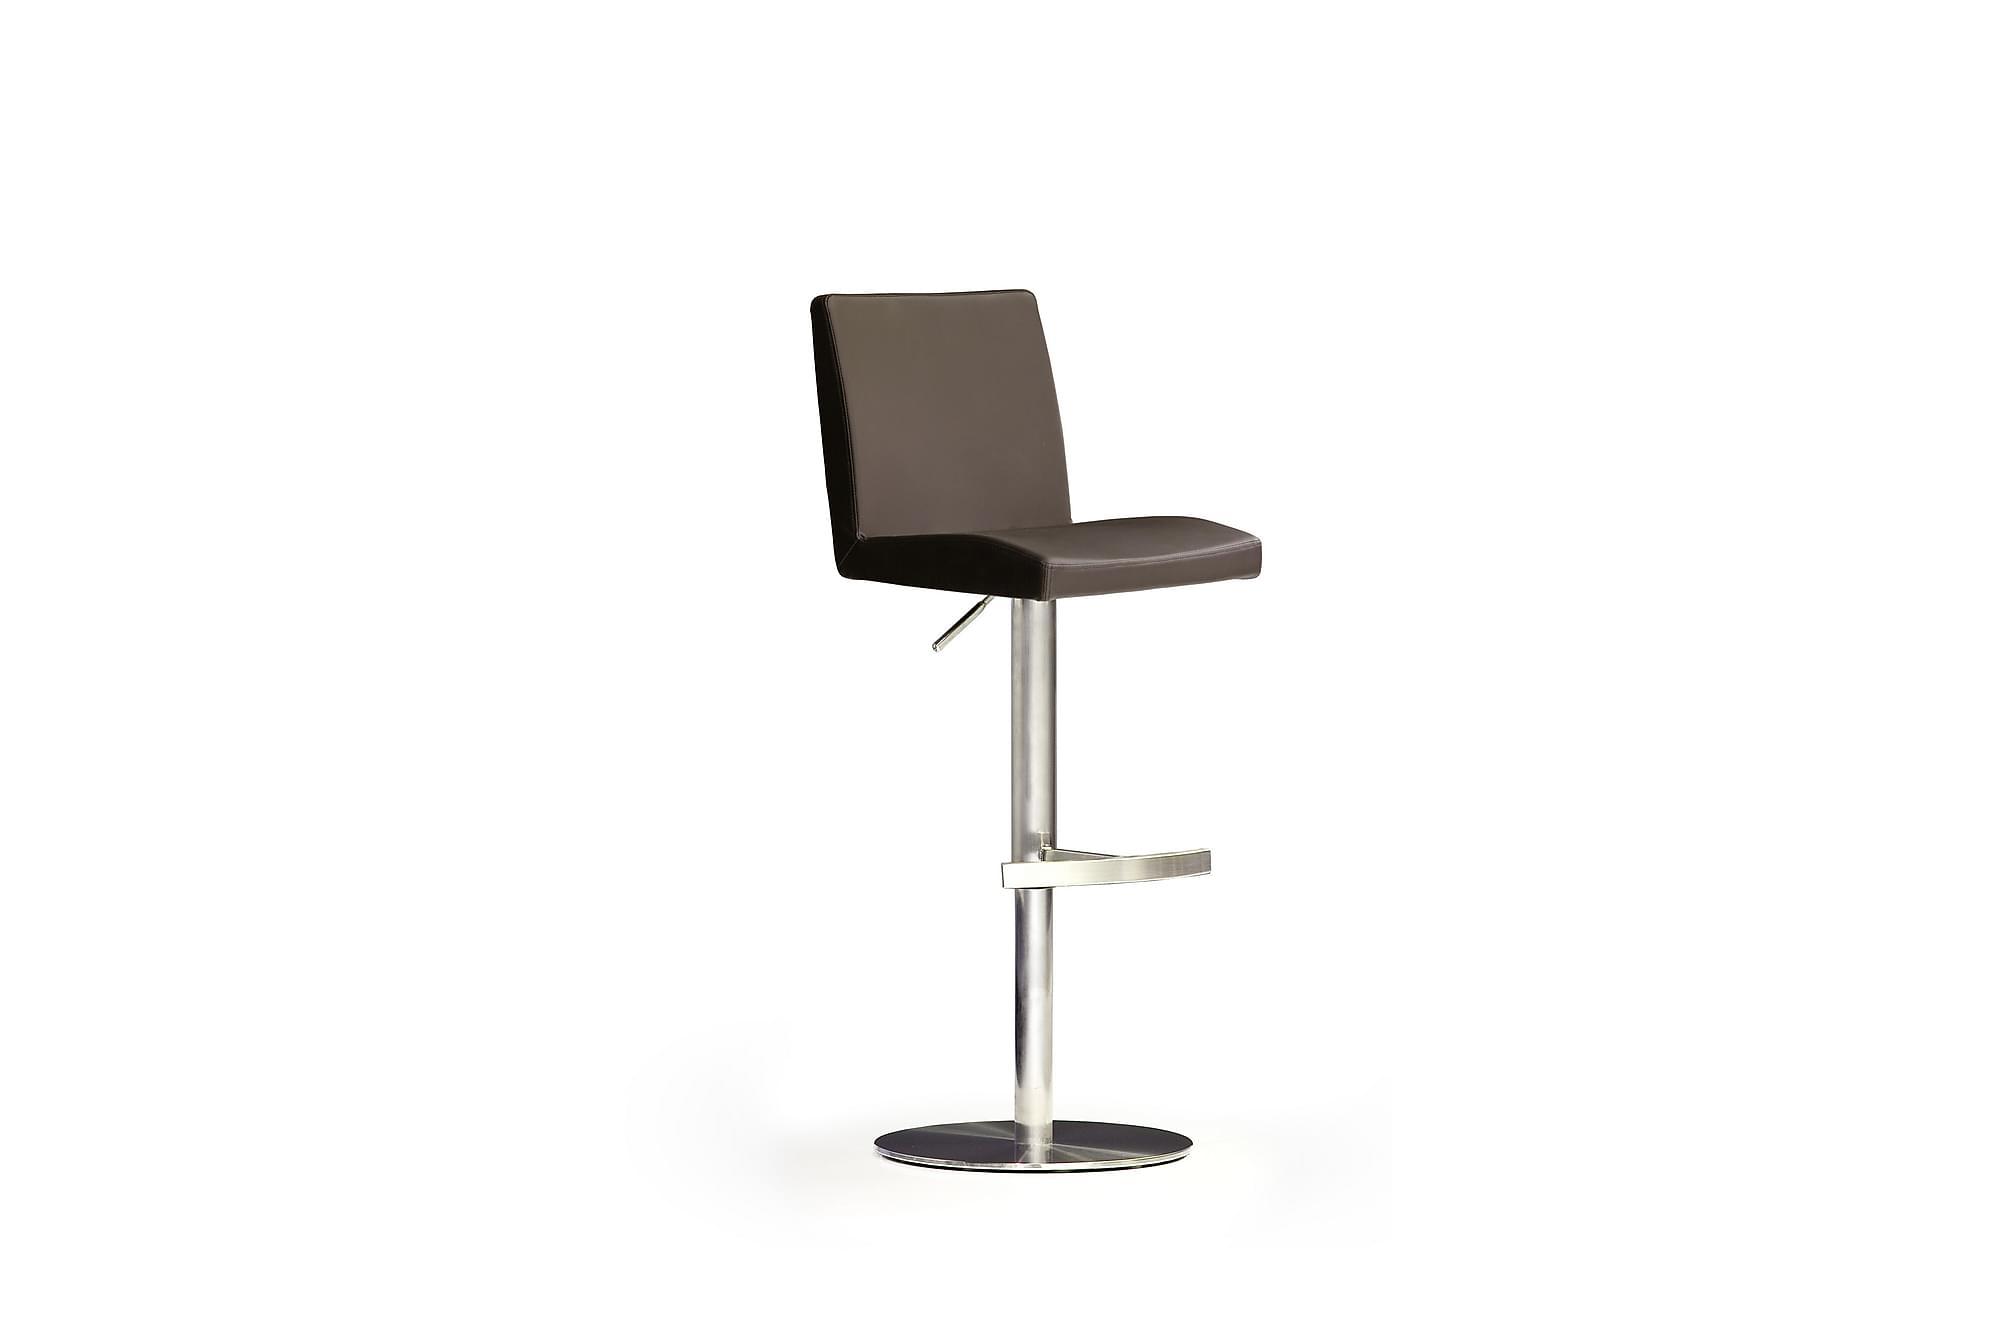 Soila barstol rund fot konstläder brun/stål